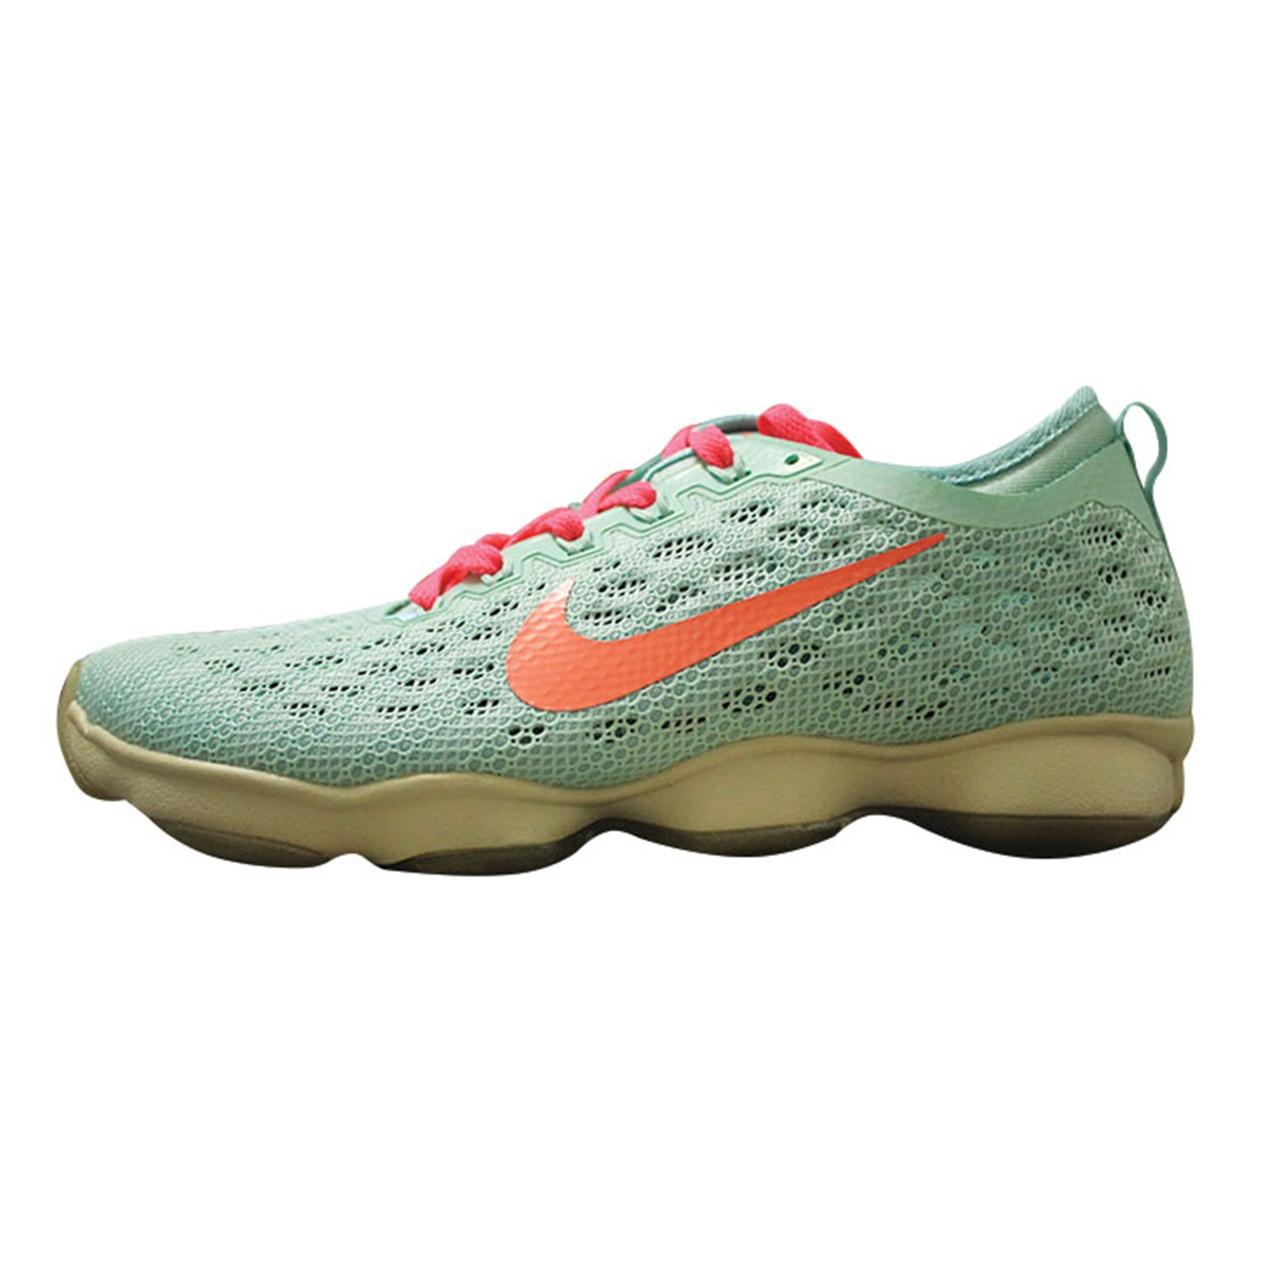 کفش مخصوص پیاده روی زنانه مدل Zoom Fly ph